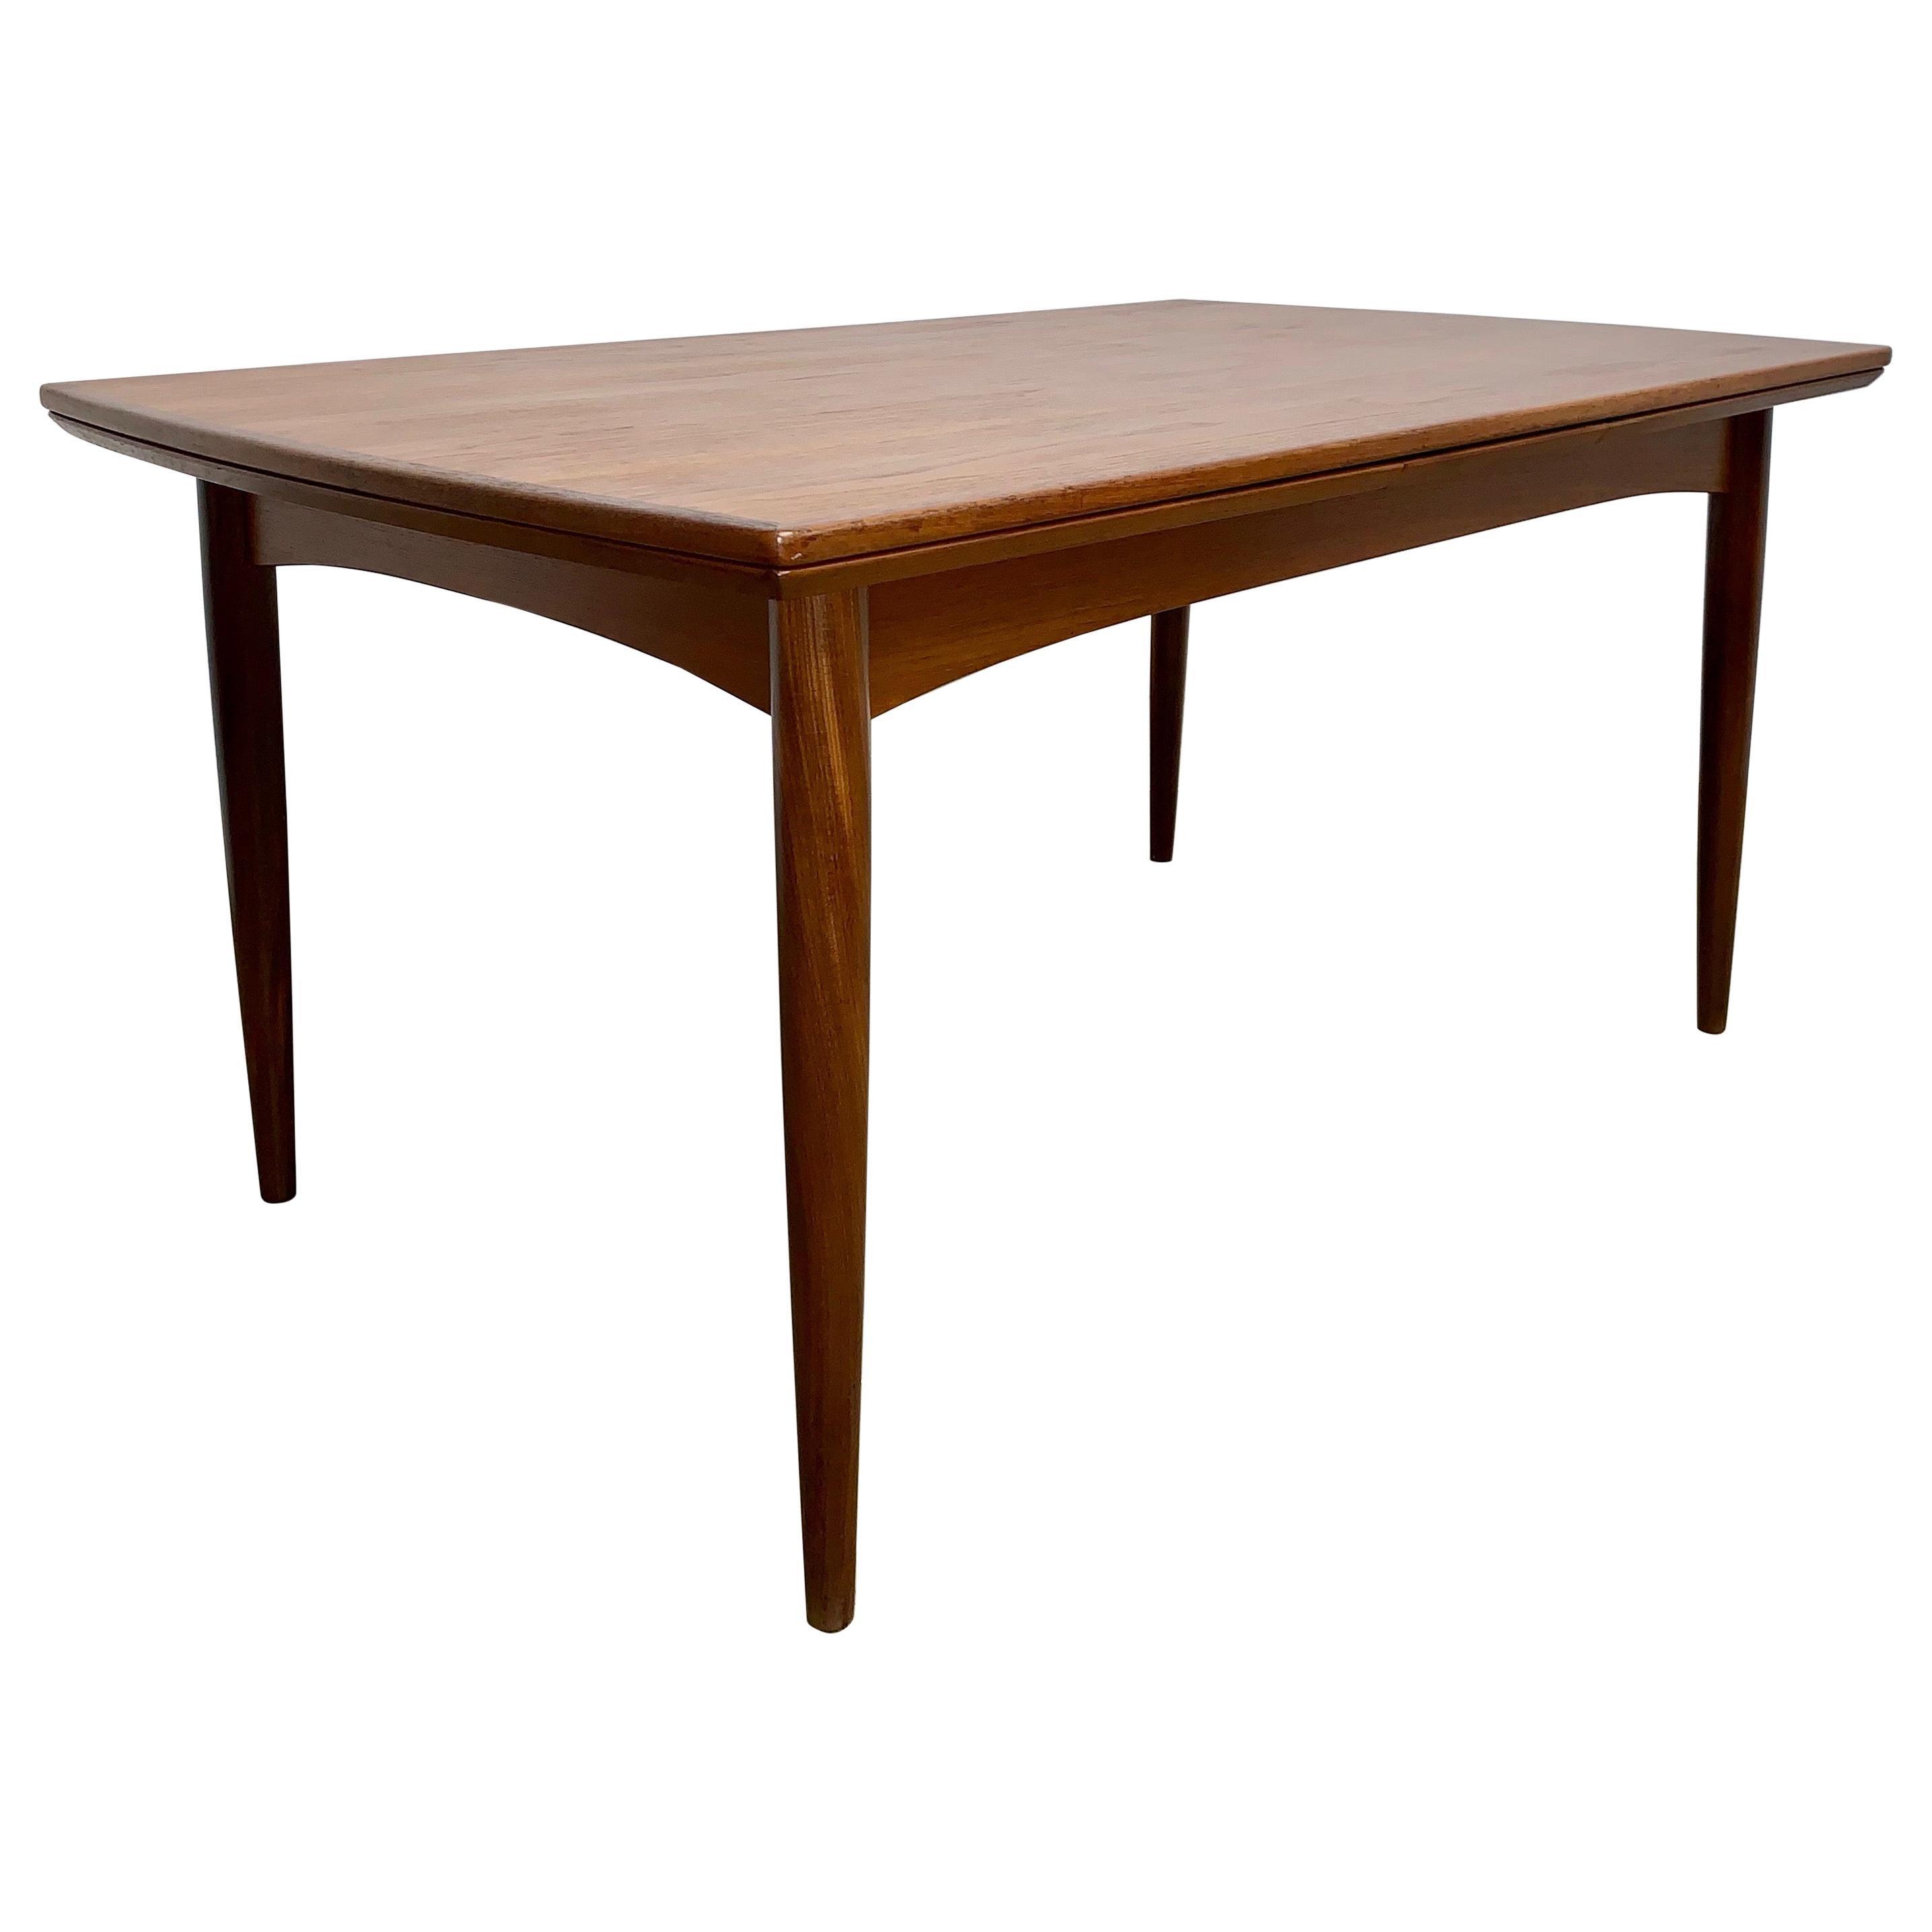 Danish Modern Teak Draw-Leaf Table